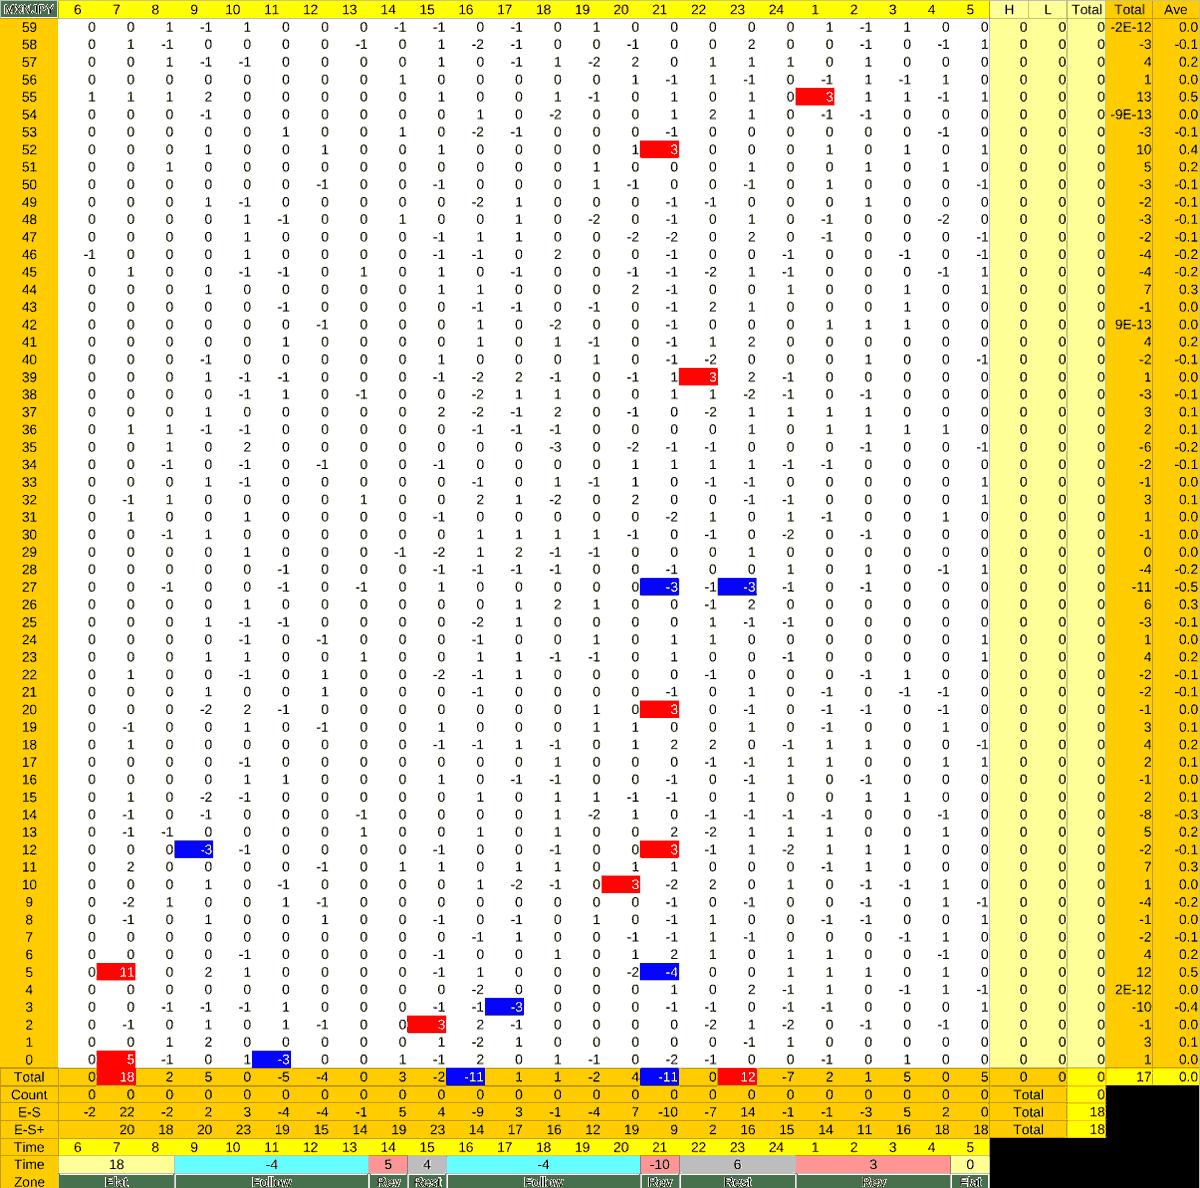 20210927_HS(3)MXNJPY-min